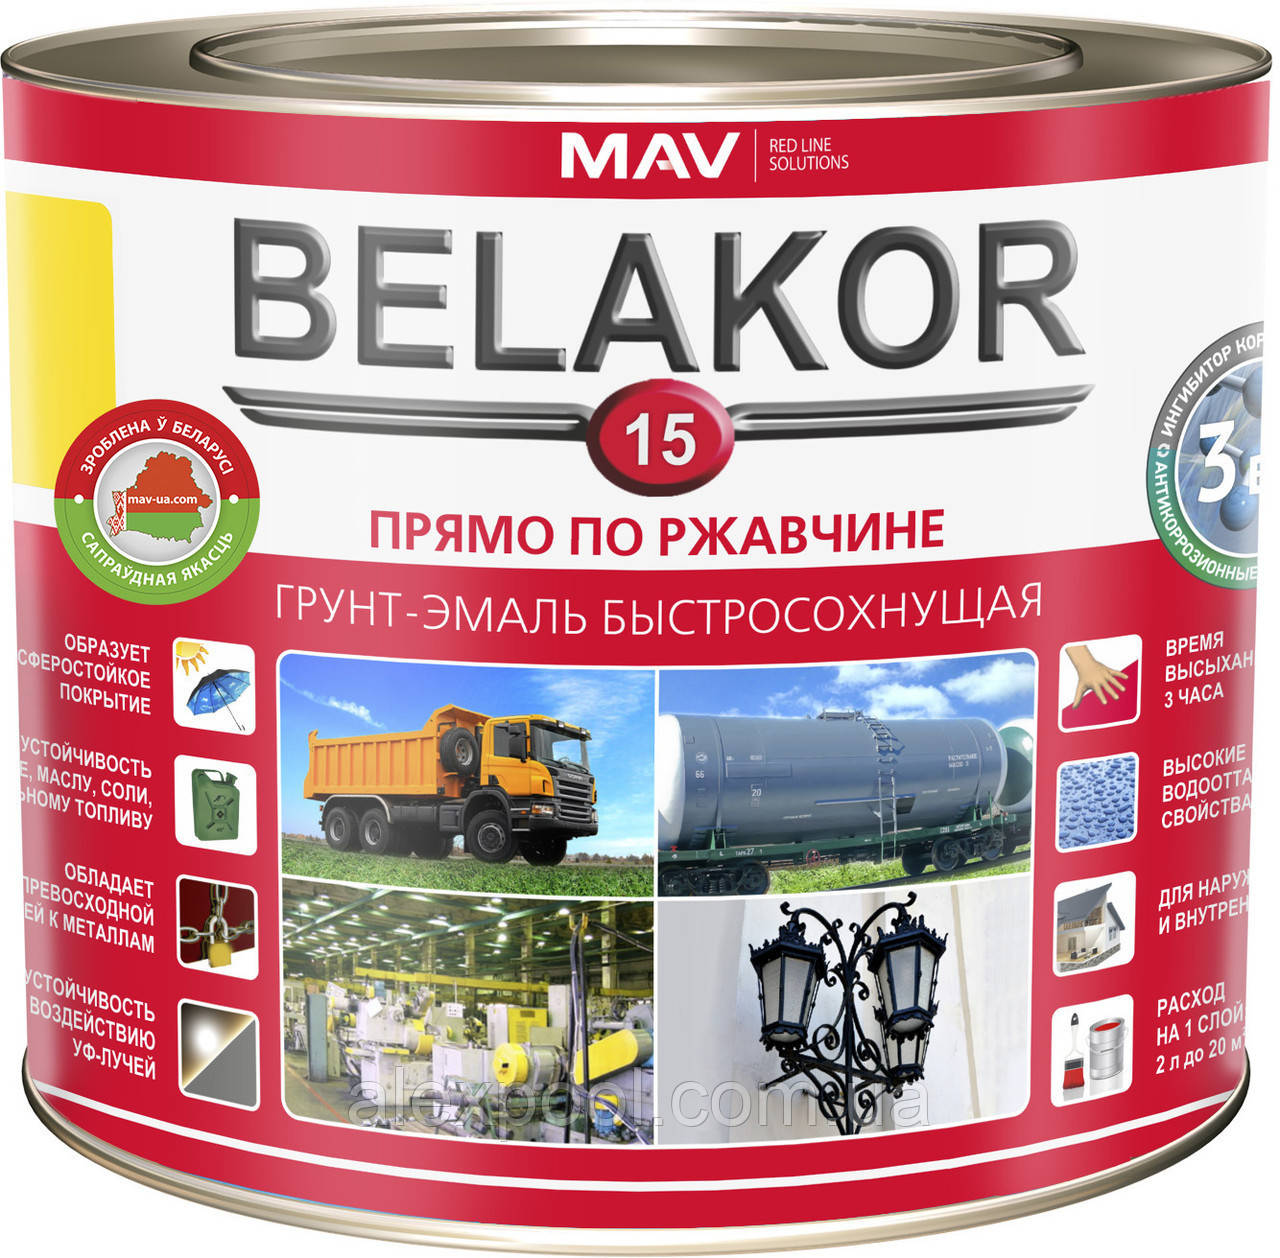 Грунт-эмаль MAV BELAKOR 15 прямо по ржавчине  3 в 1 быстросохнущая Серая RAL 7011 1 литр